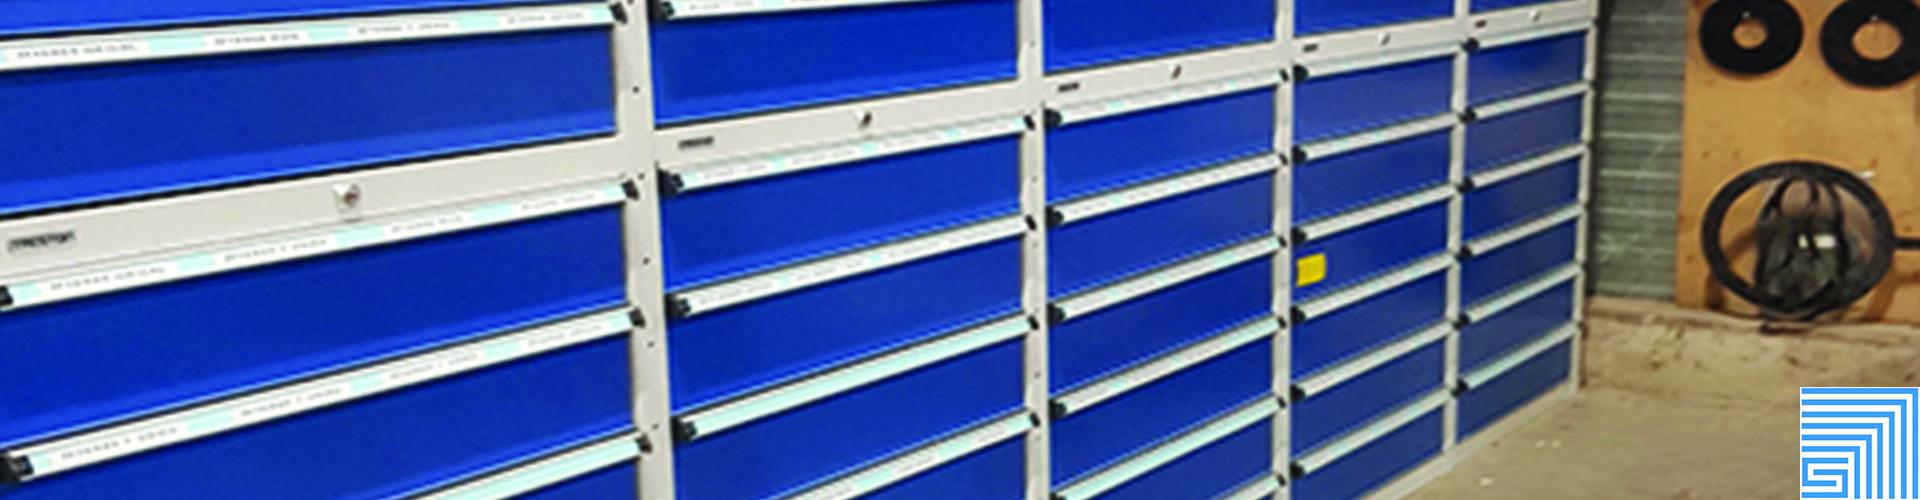 Sovella Nederland Treston opslagkast met laden voor kleingoed in de werkplaats